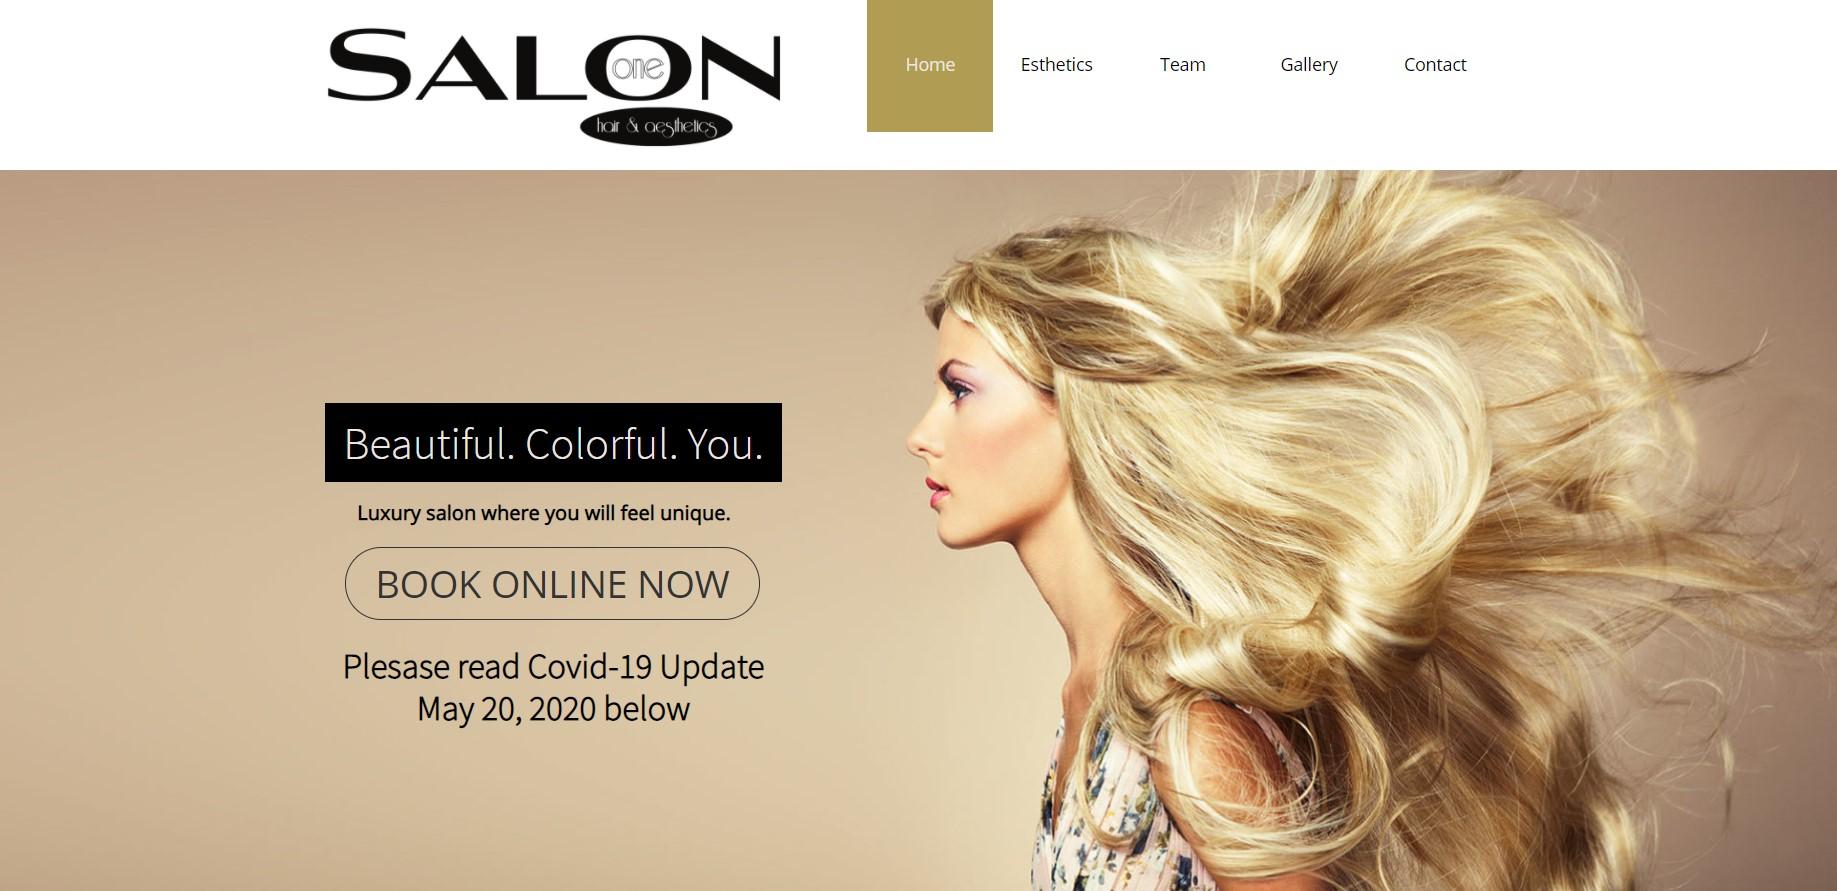 salon one hairdresser in calgary